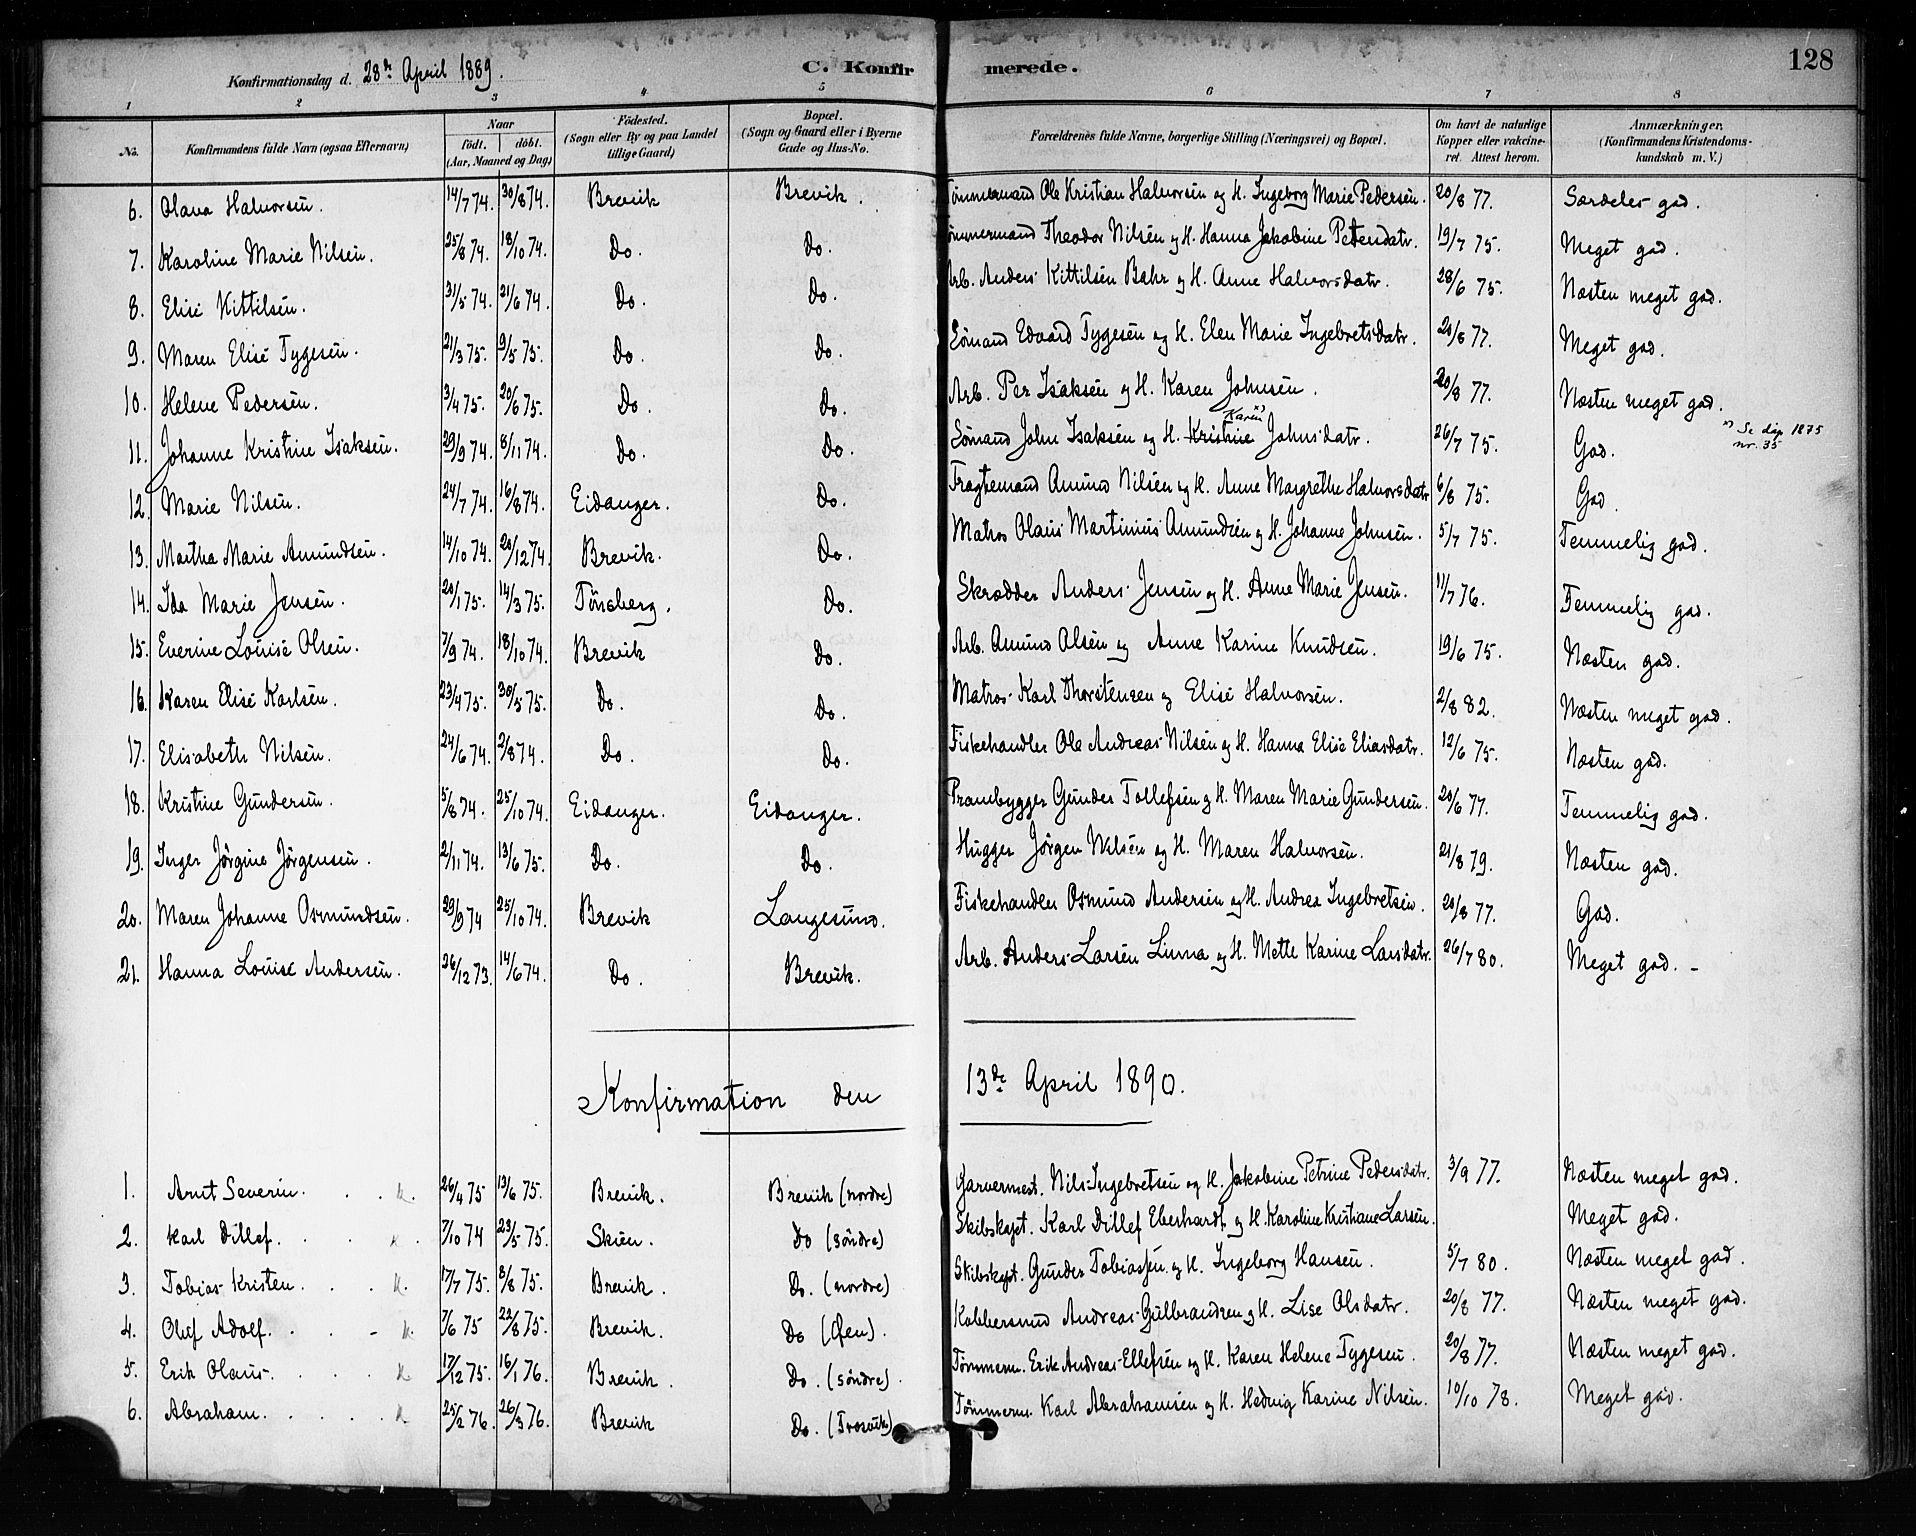 SAKO, Brevik kirkebøker, F/Fa/L0007: Ministerialbok nr. 7, 1882-1900, s. 128